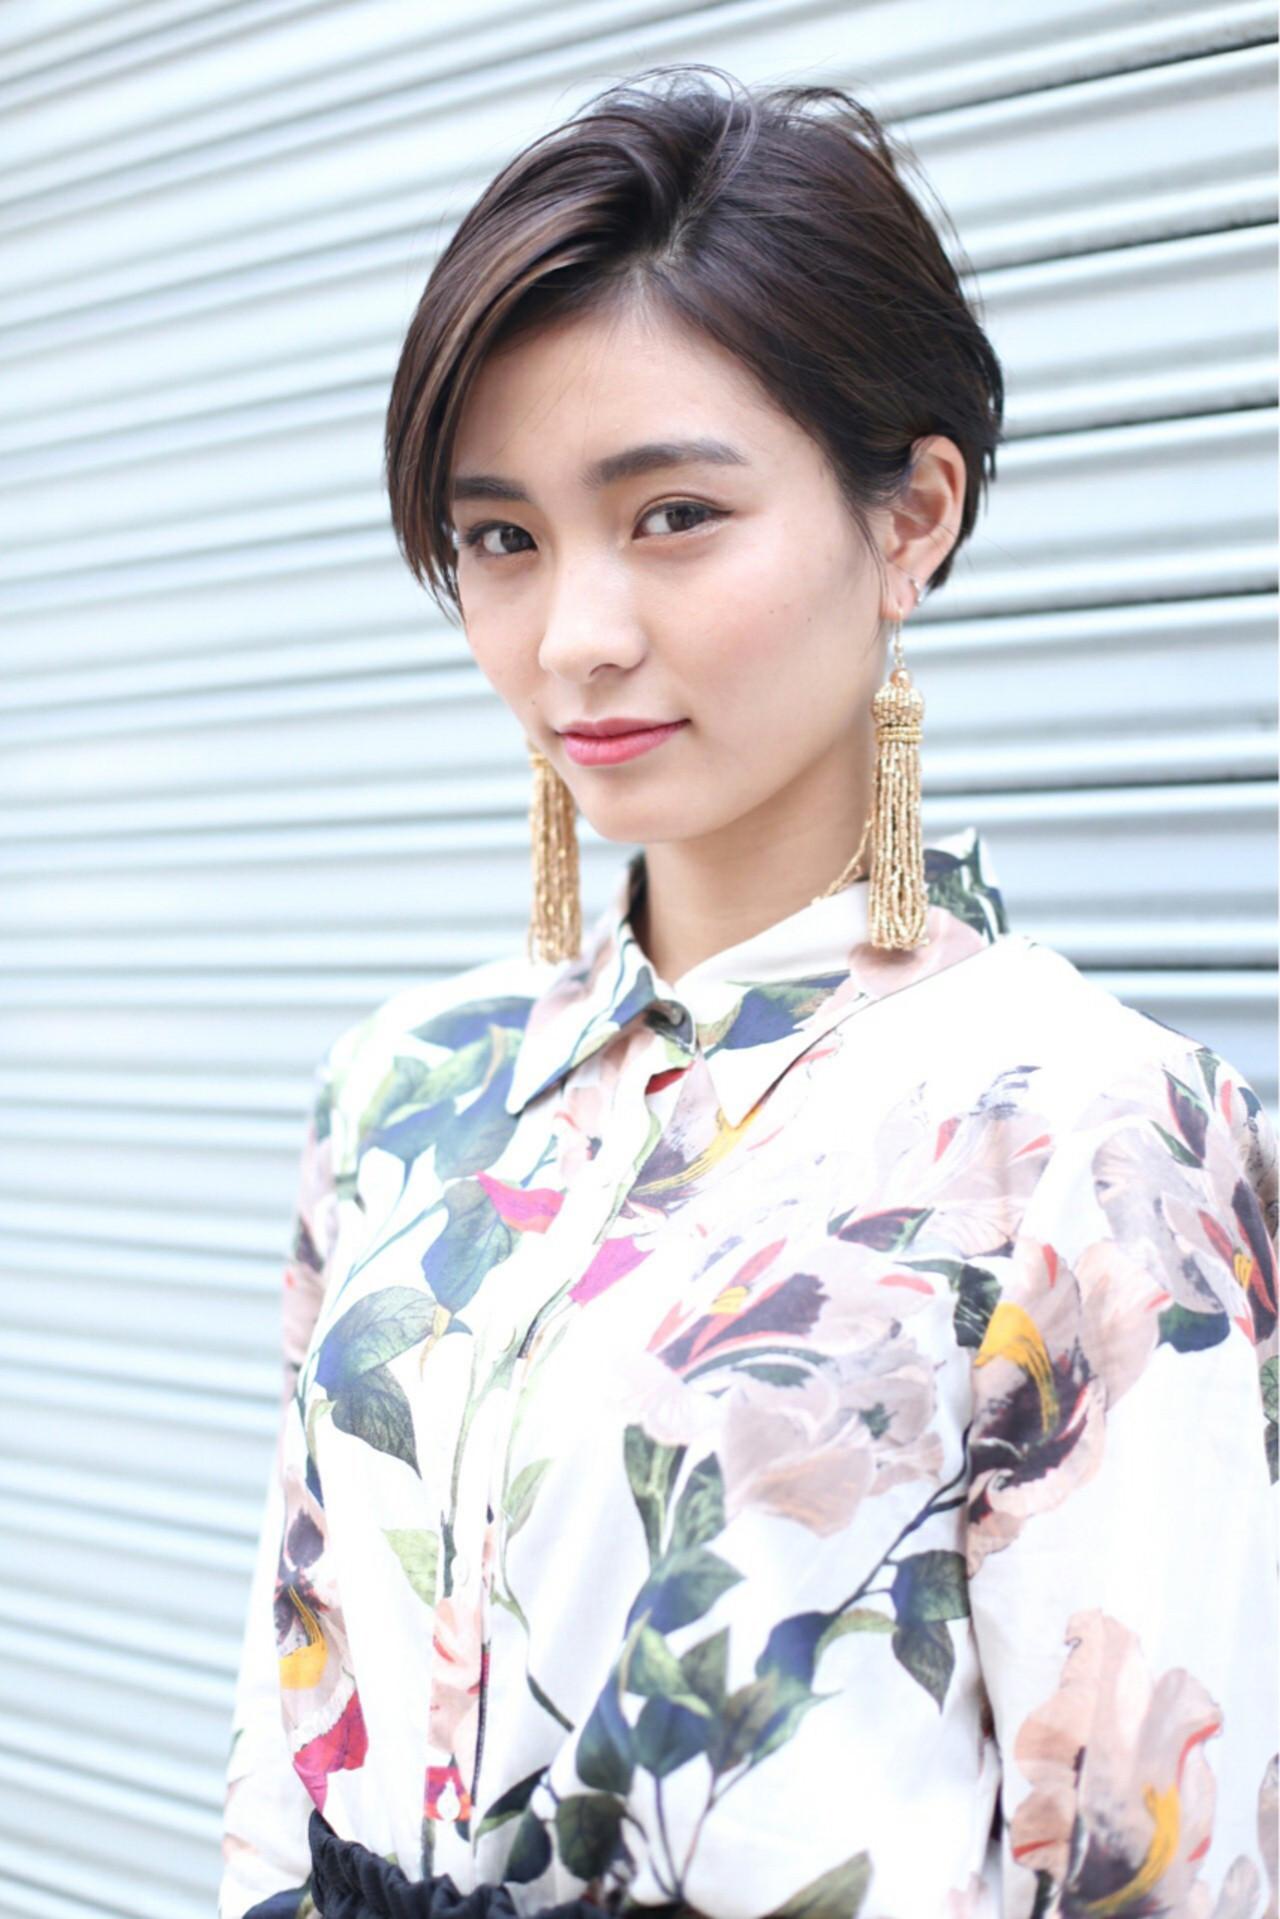 社会人必見!黒髪×ツーブロックで上品な印象 Rika Fuchigami